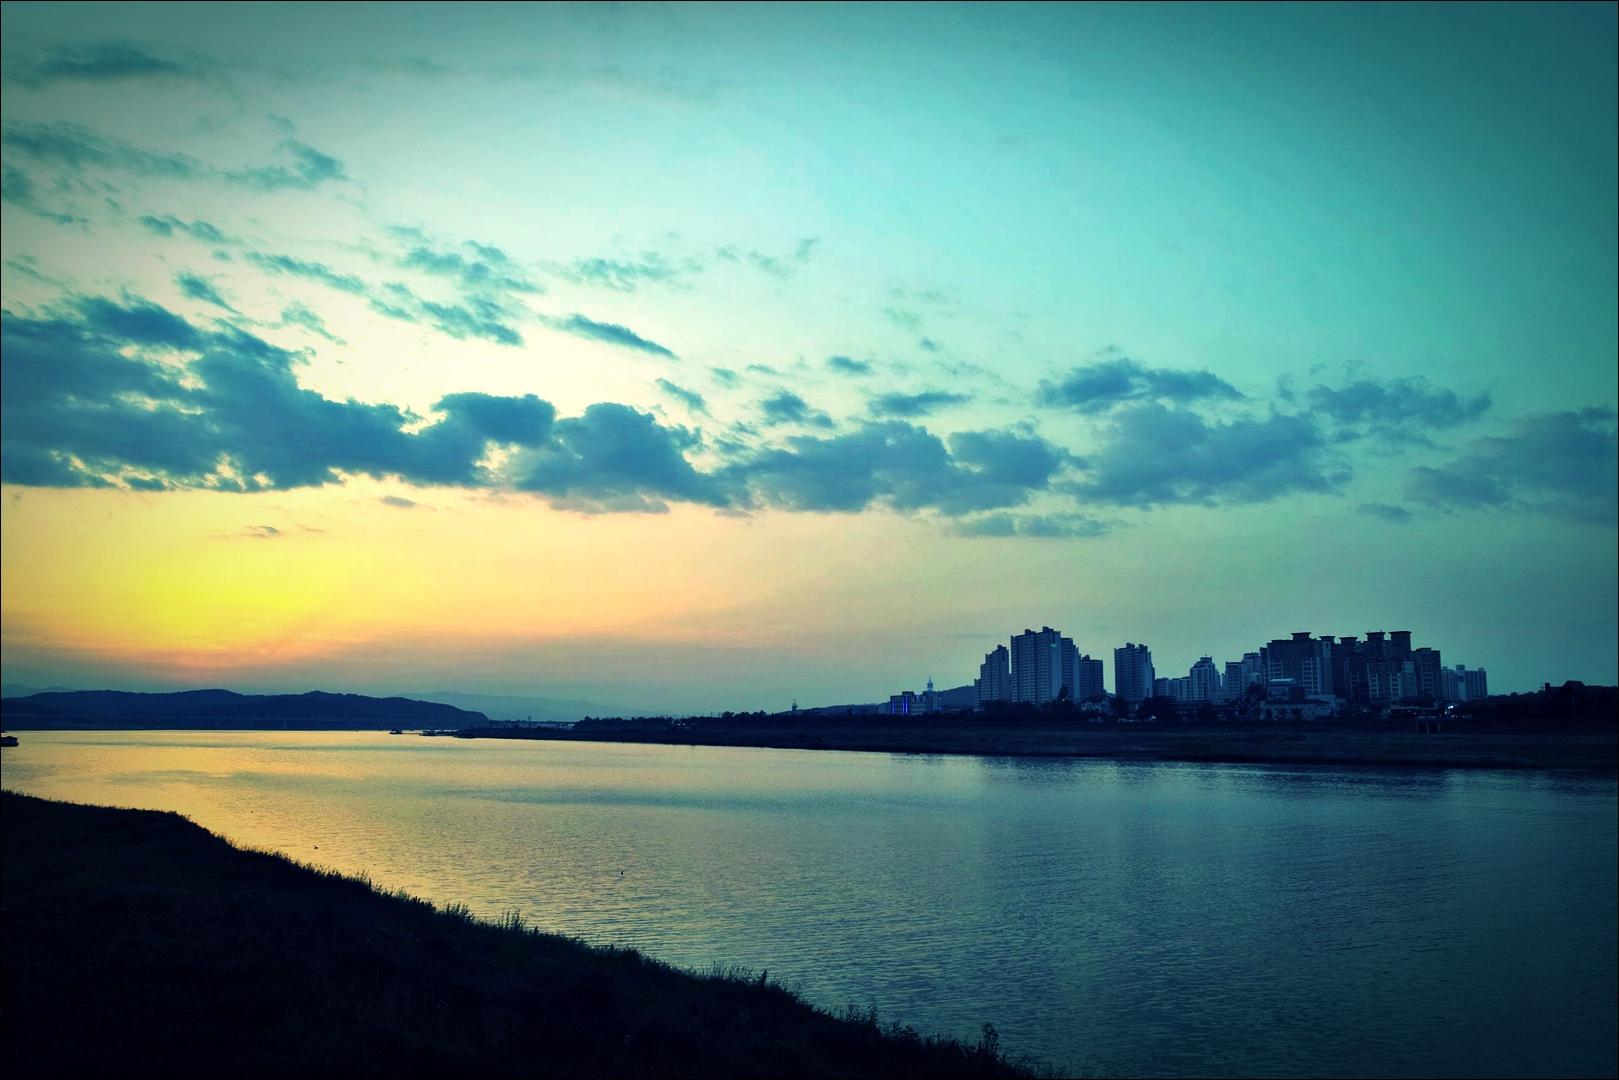 여주 석양-'남한강 자전거 종주 Bike Riding Namhan river Korea'